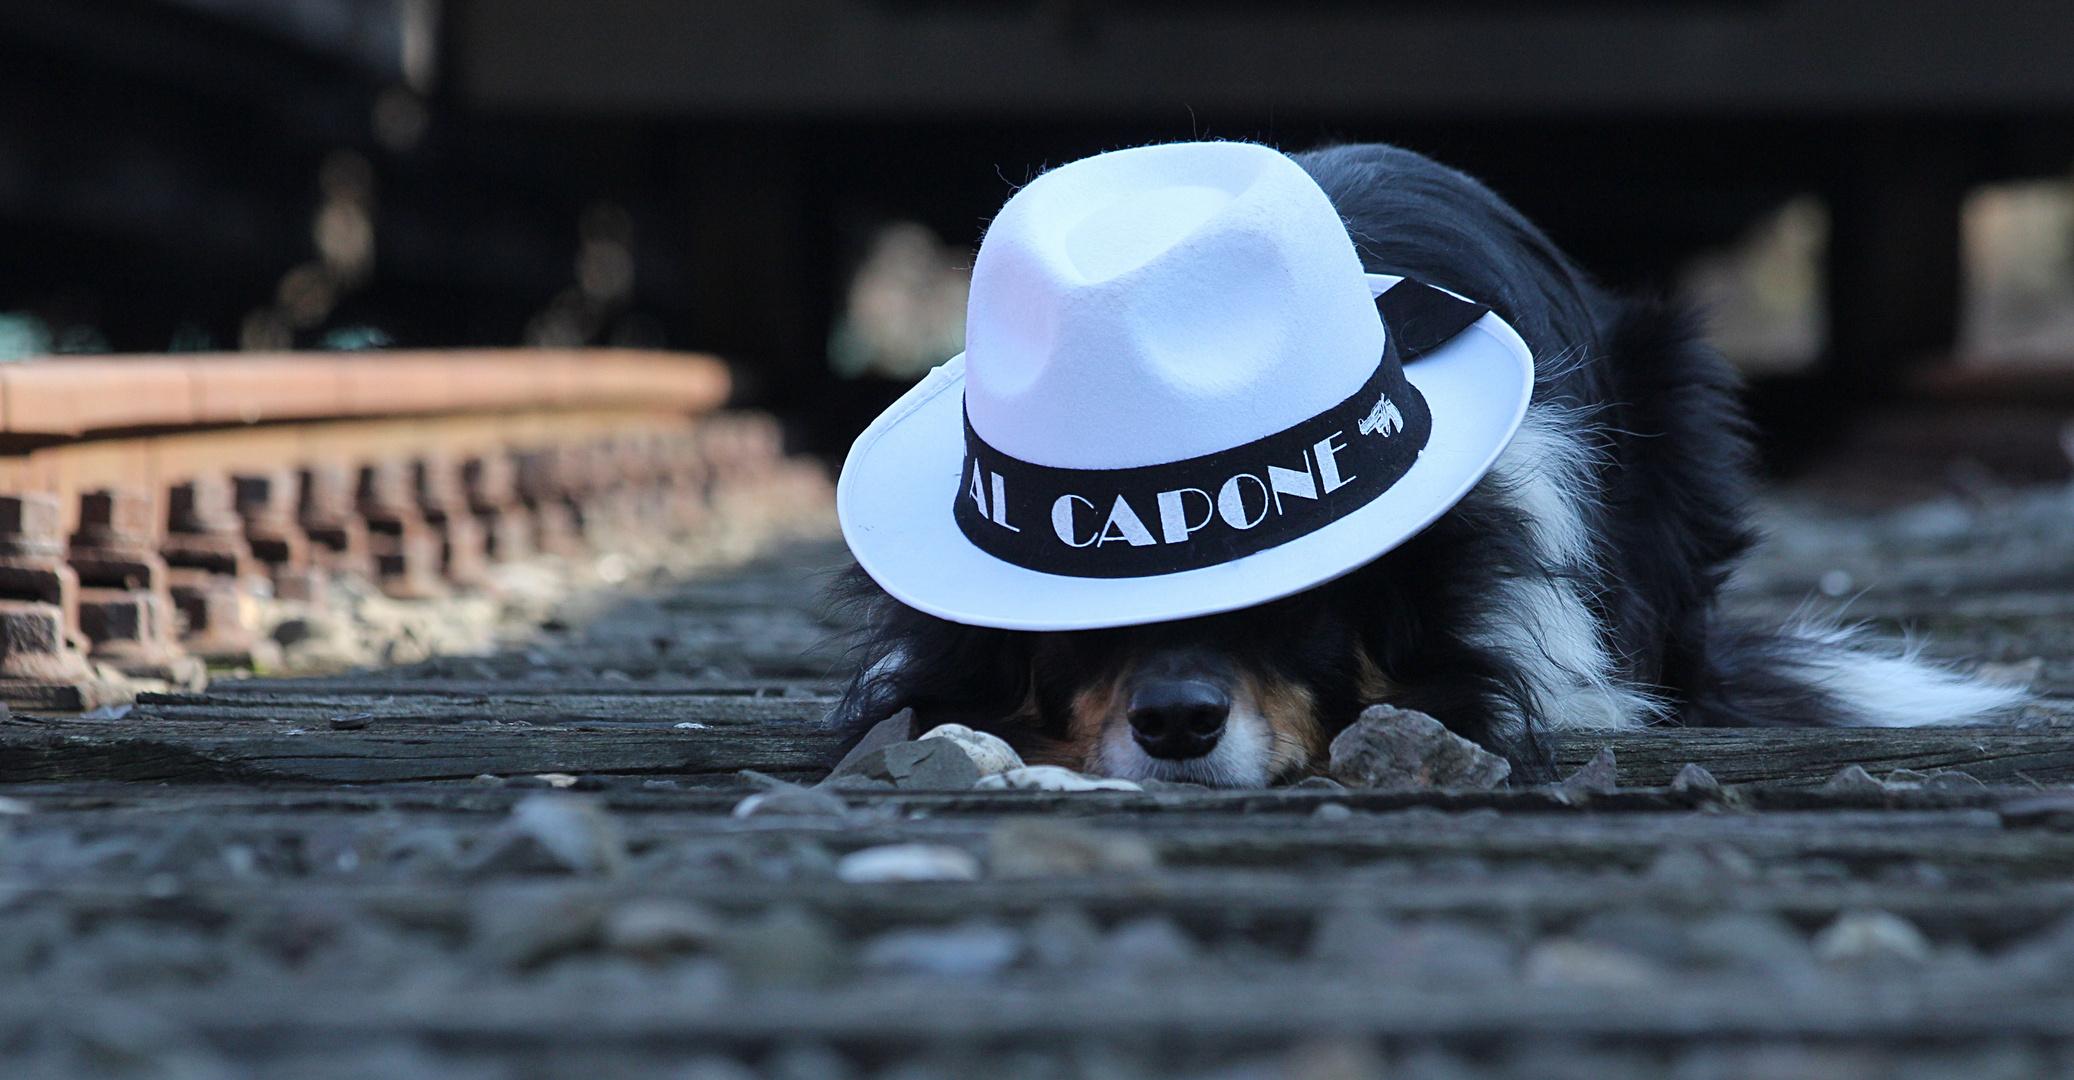 Al Capone II